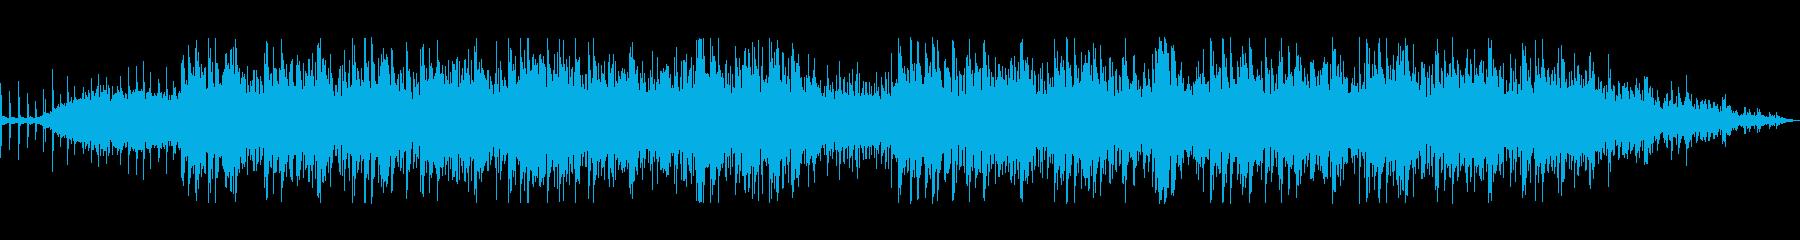 12弦ギターとピアノを中心とした静かな曲の再生済みの波形